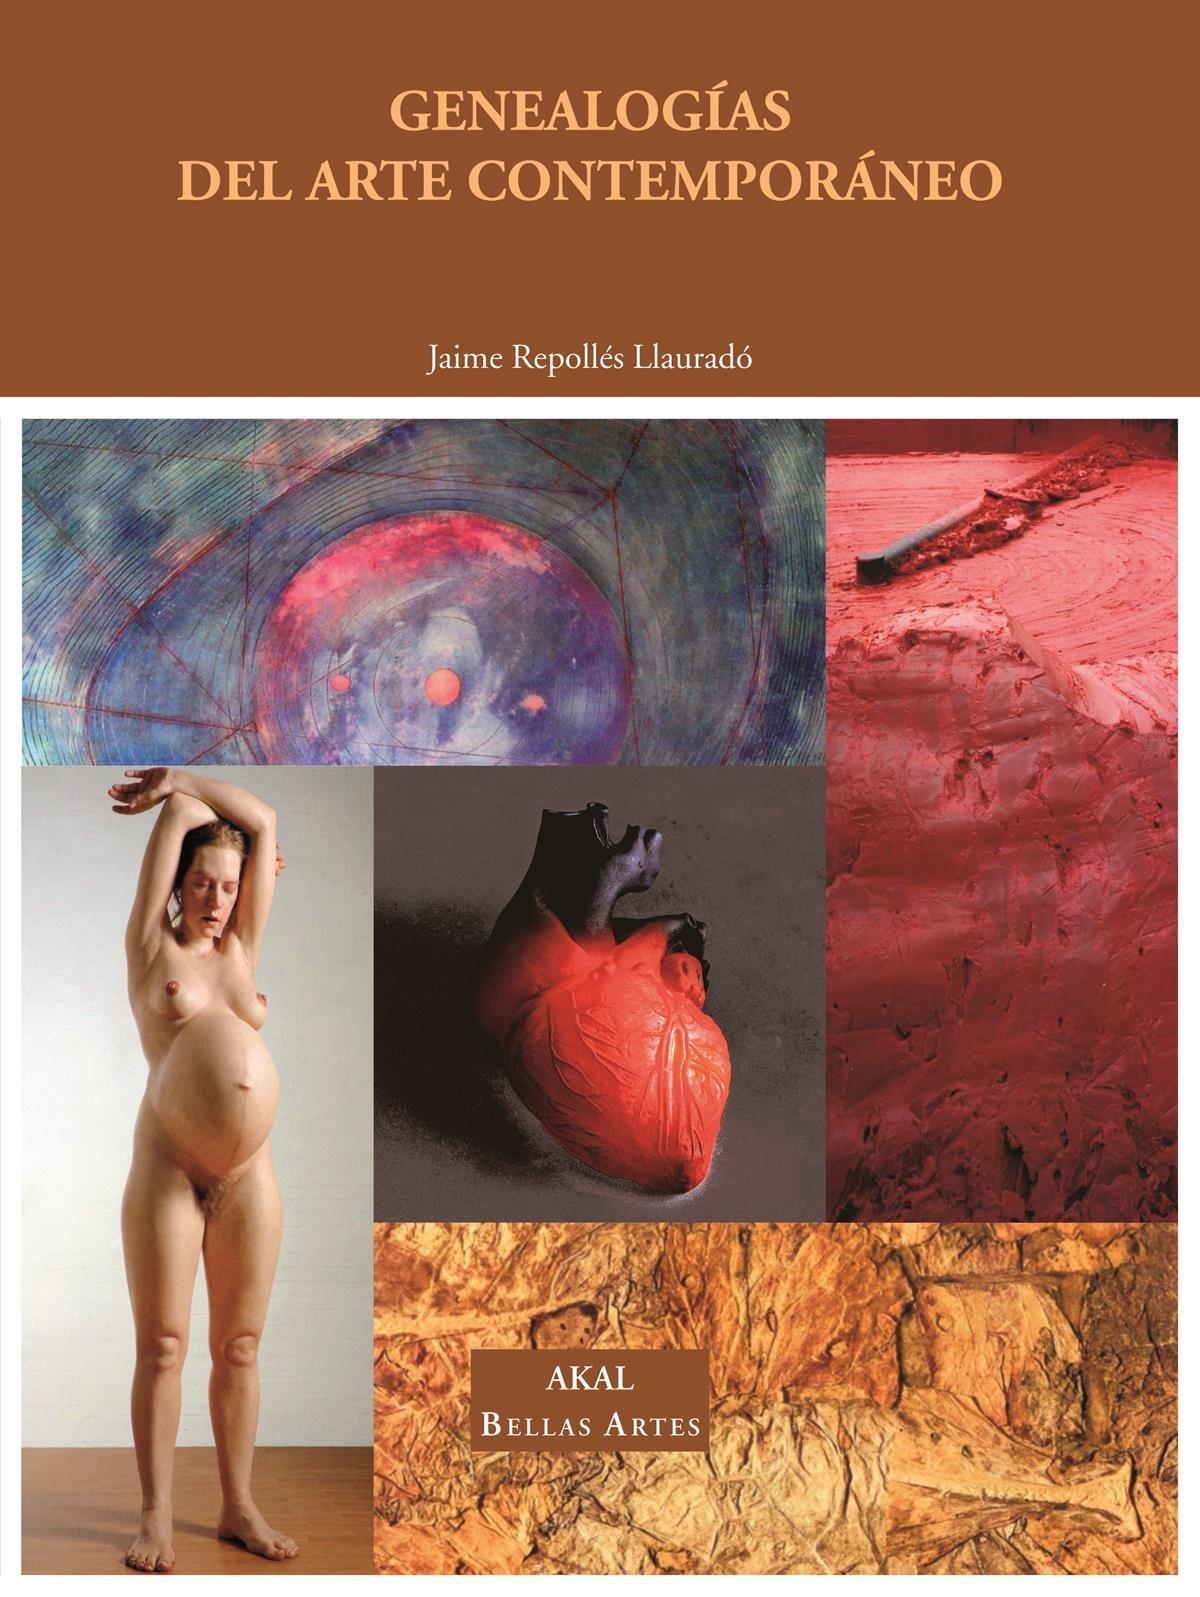 Genealogías del arte contemporáneo (Bellas Artes) Tapa blanda – 6 may 2011 Jaime Repollés Llauradó Ediciones Akal S.A. 8446031272